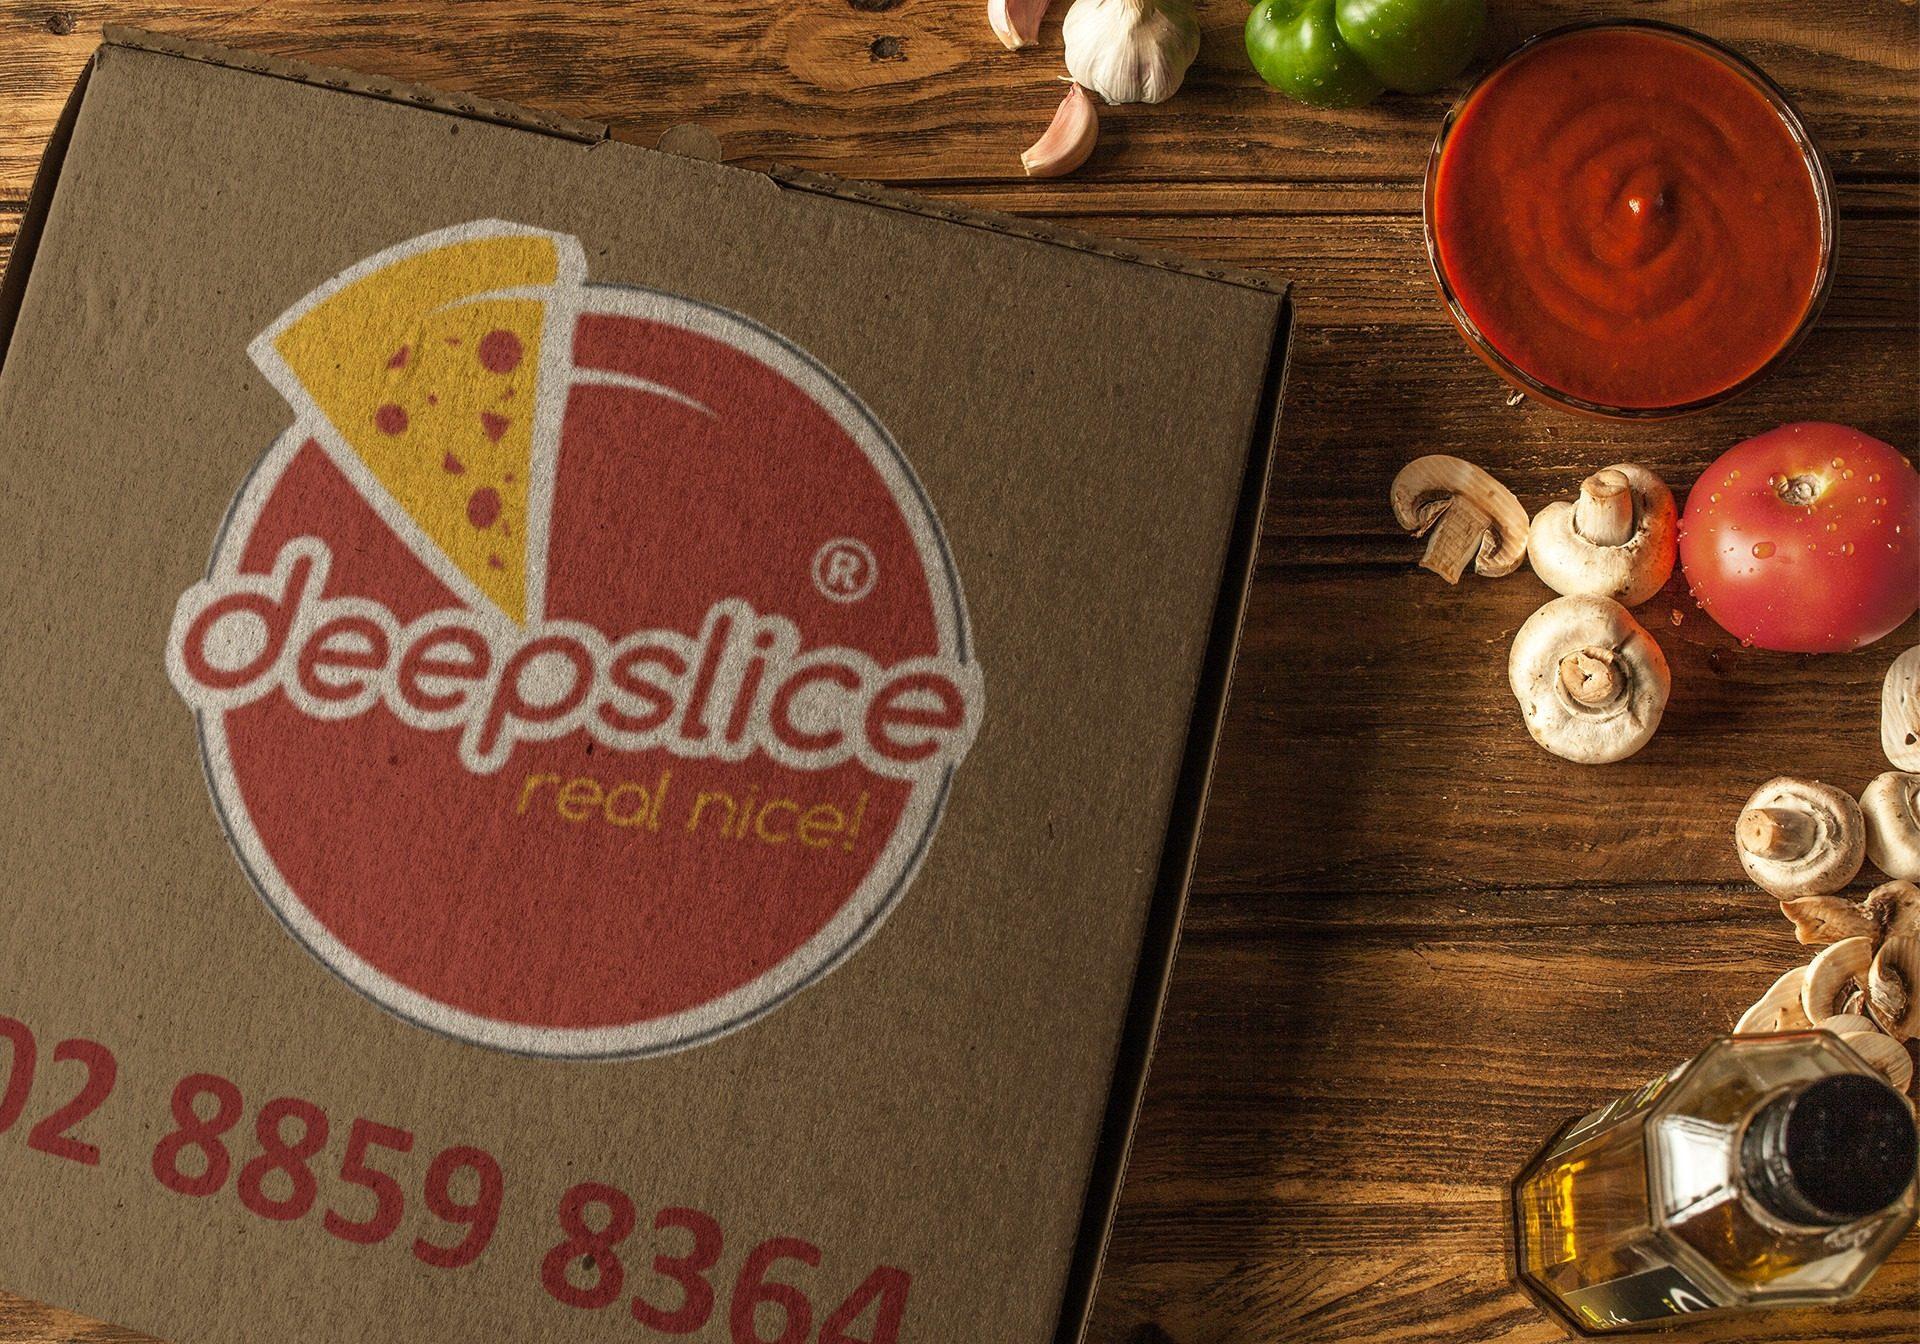 deeplslice s